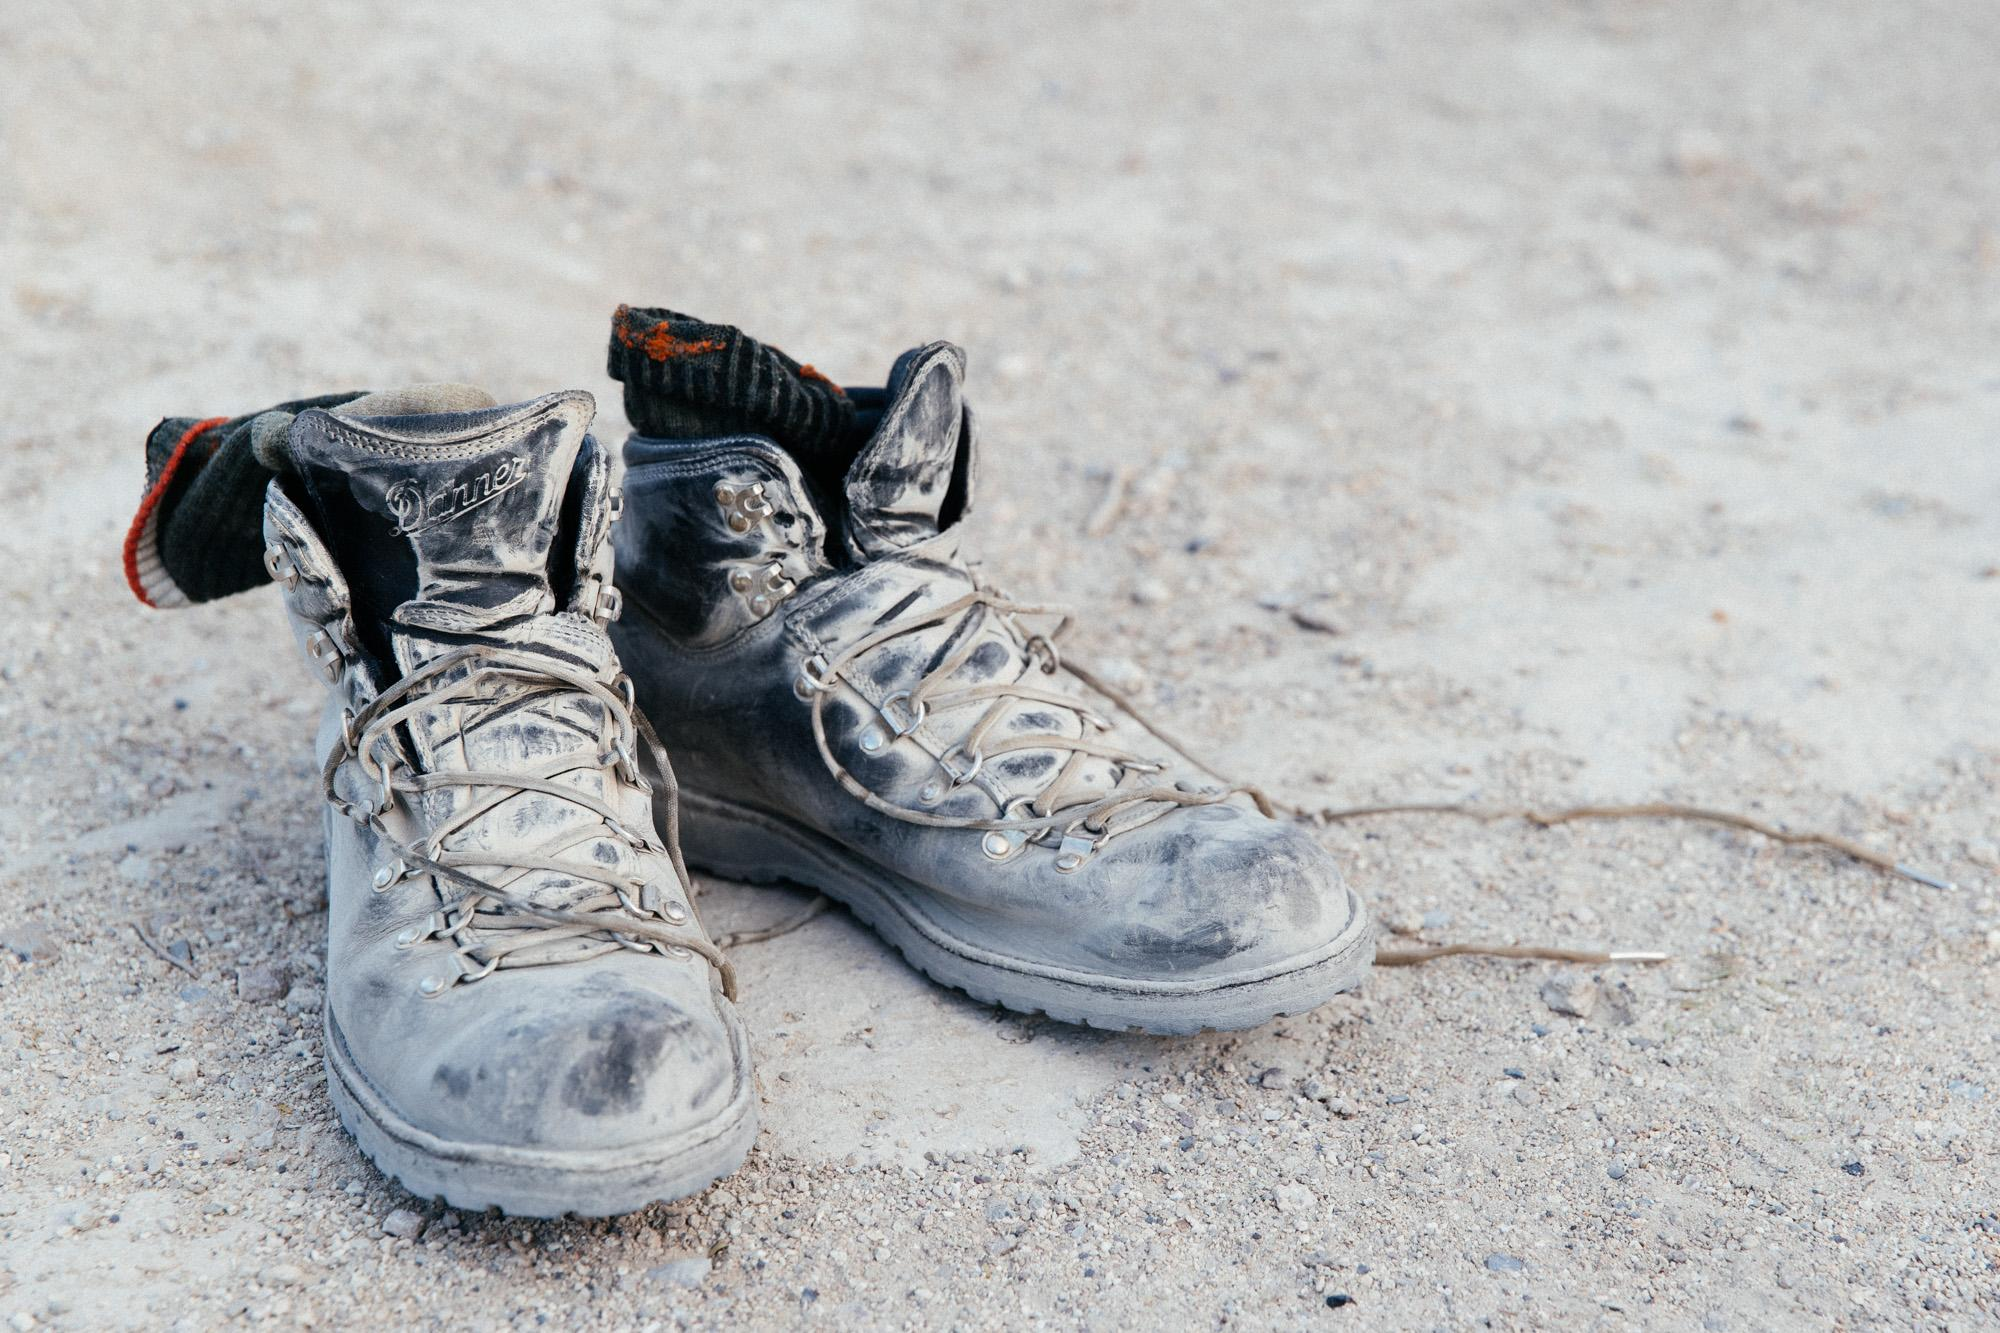 Preferred bikepacking boots.